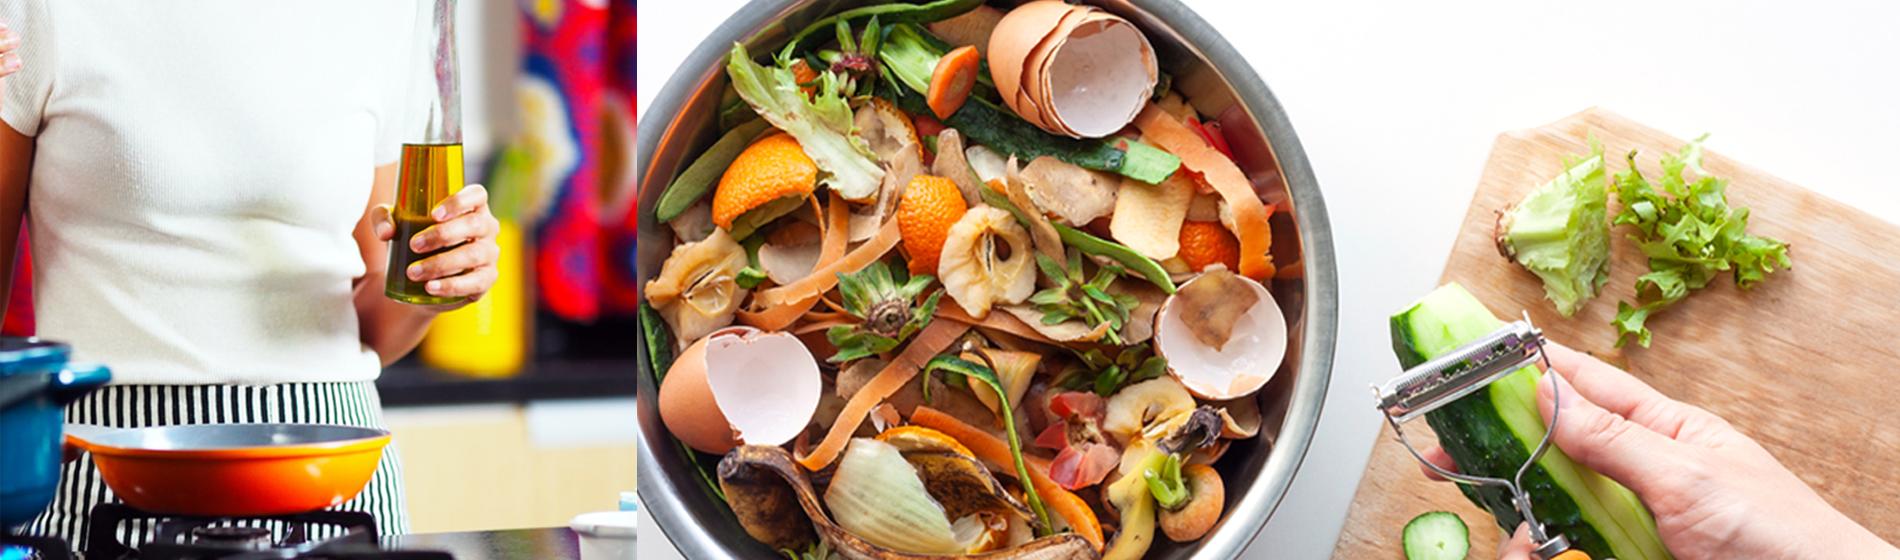 Biologický i kuchynský odpad pod kontrolou